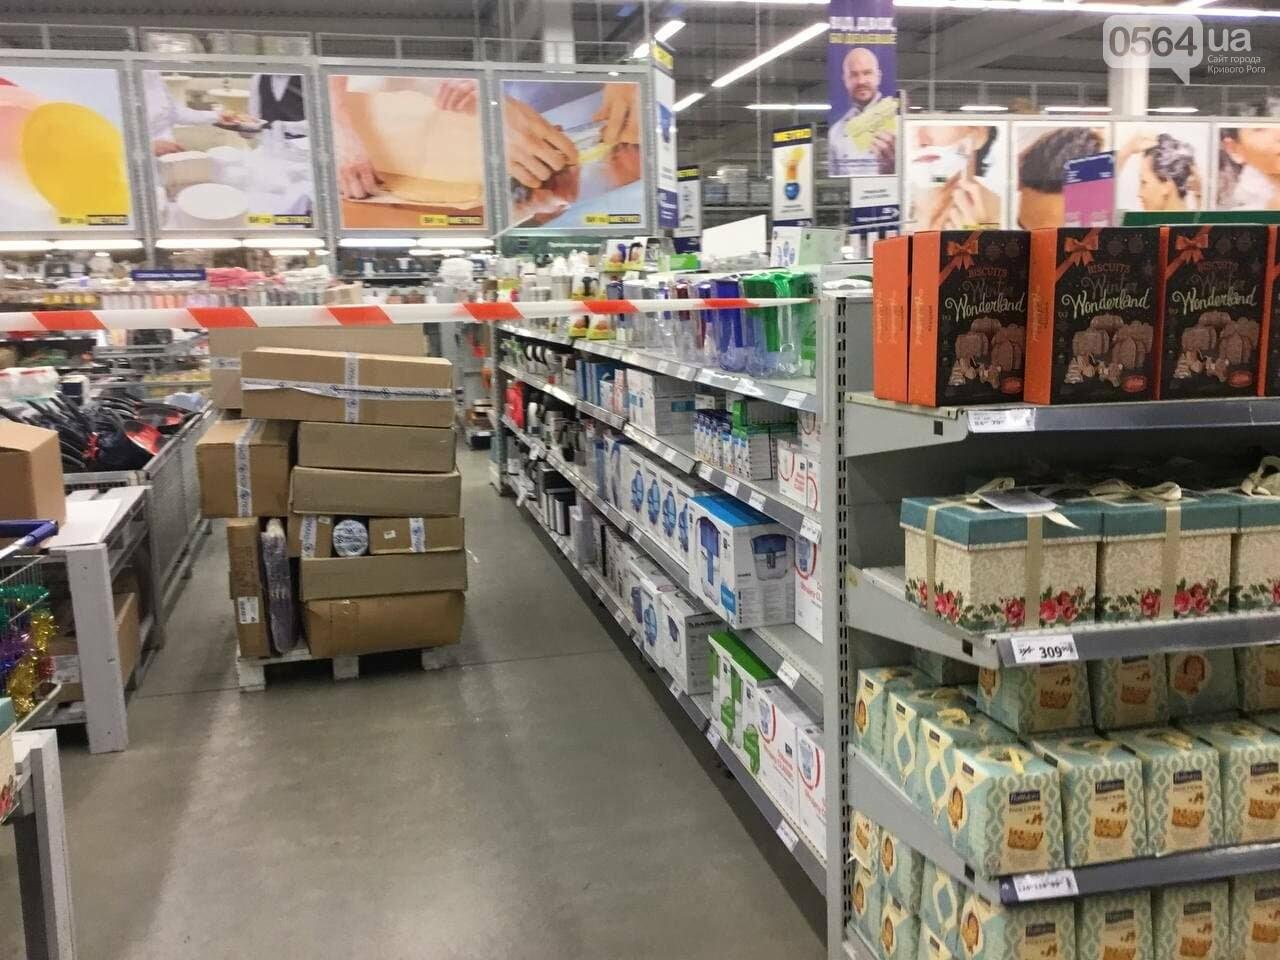 Как в Кривом Роге работают гипермаркеты в период локдауна, - ФОТО, фото-8